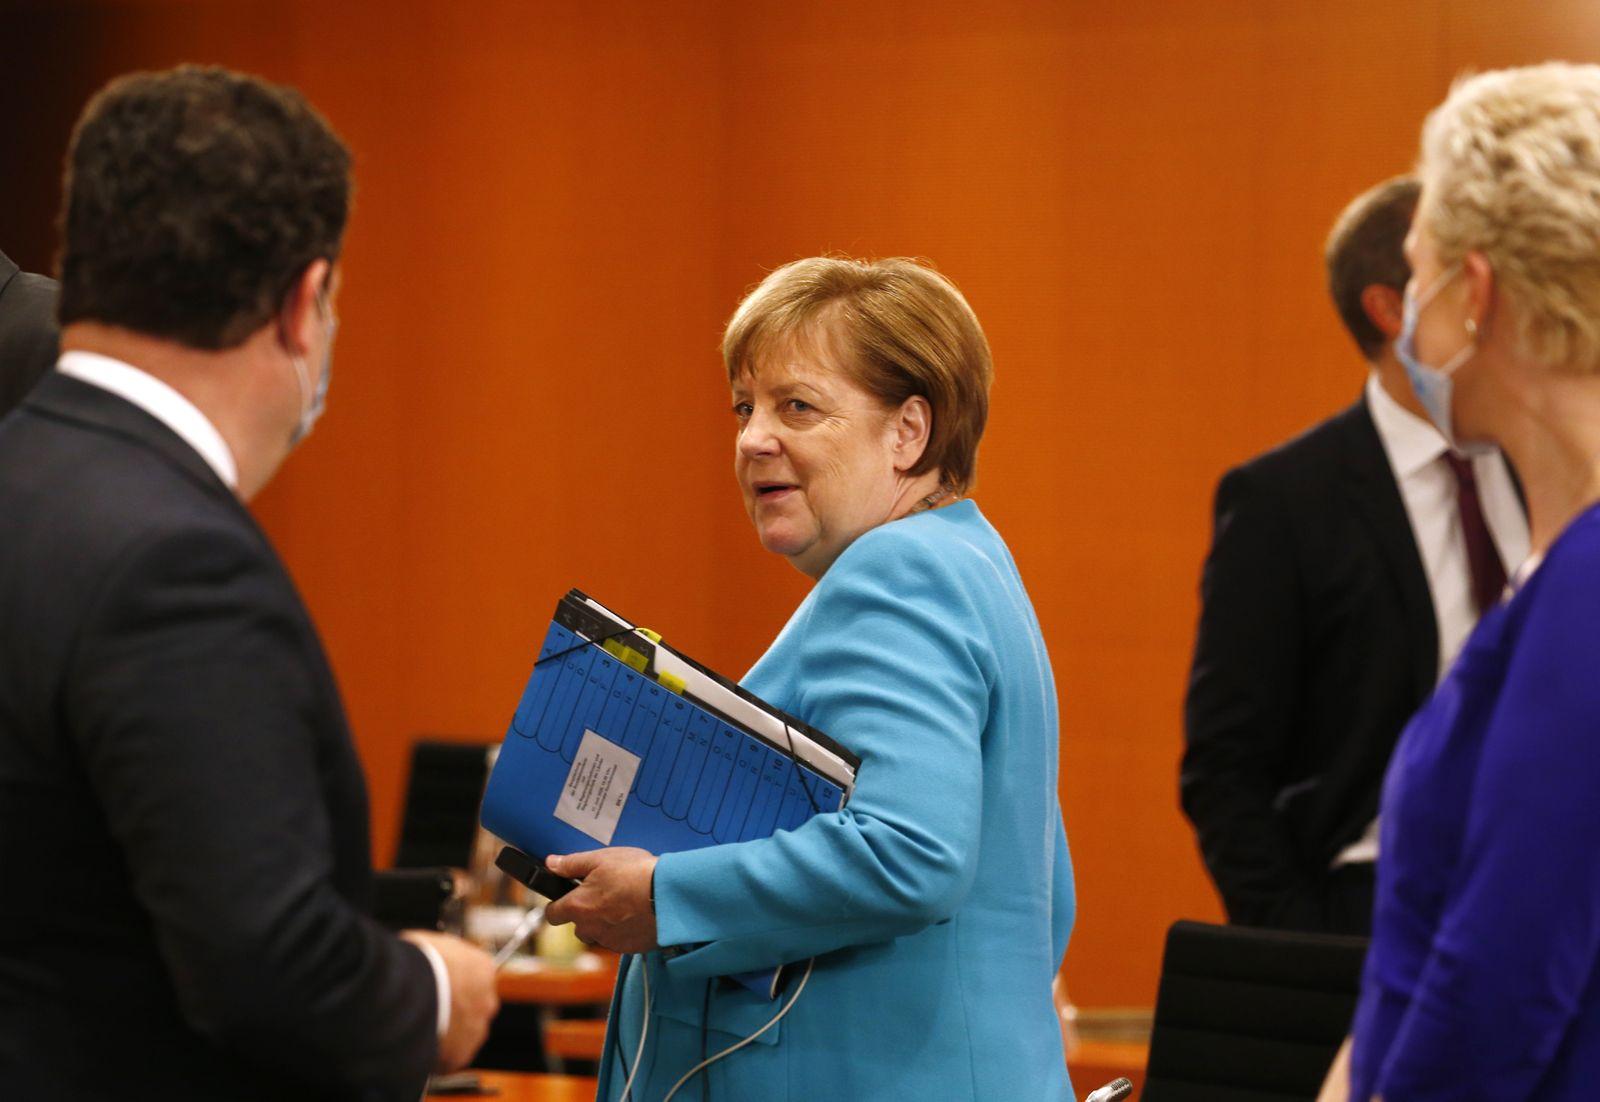 Chancellor Merkel meets German Federal State Premiers in Berlin, Germany - 17 Jun 2020